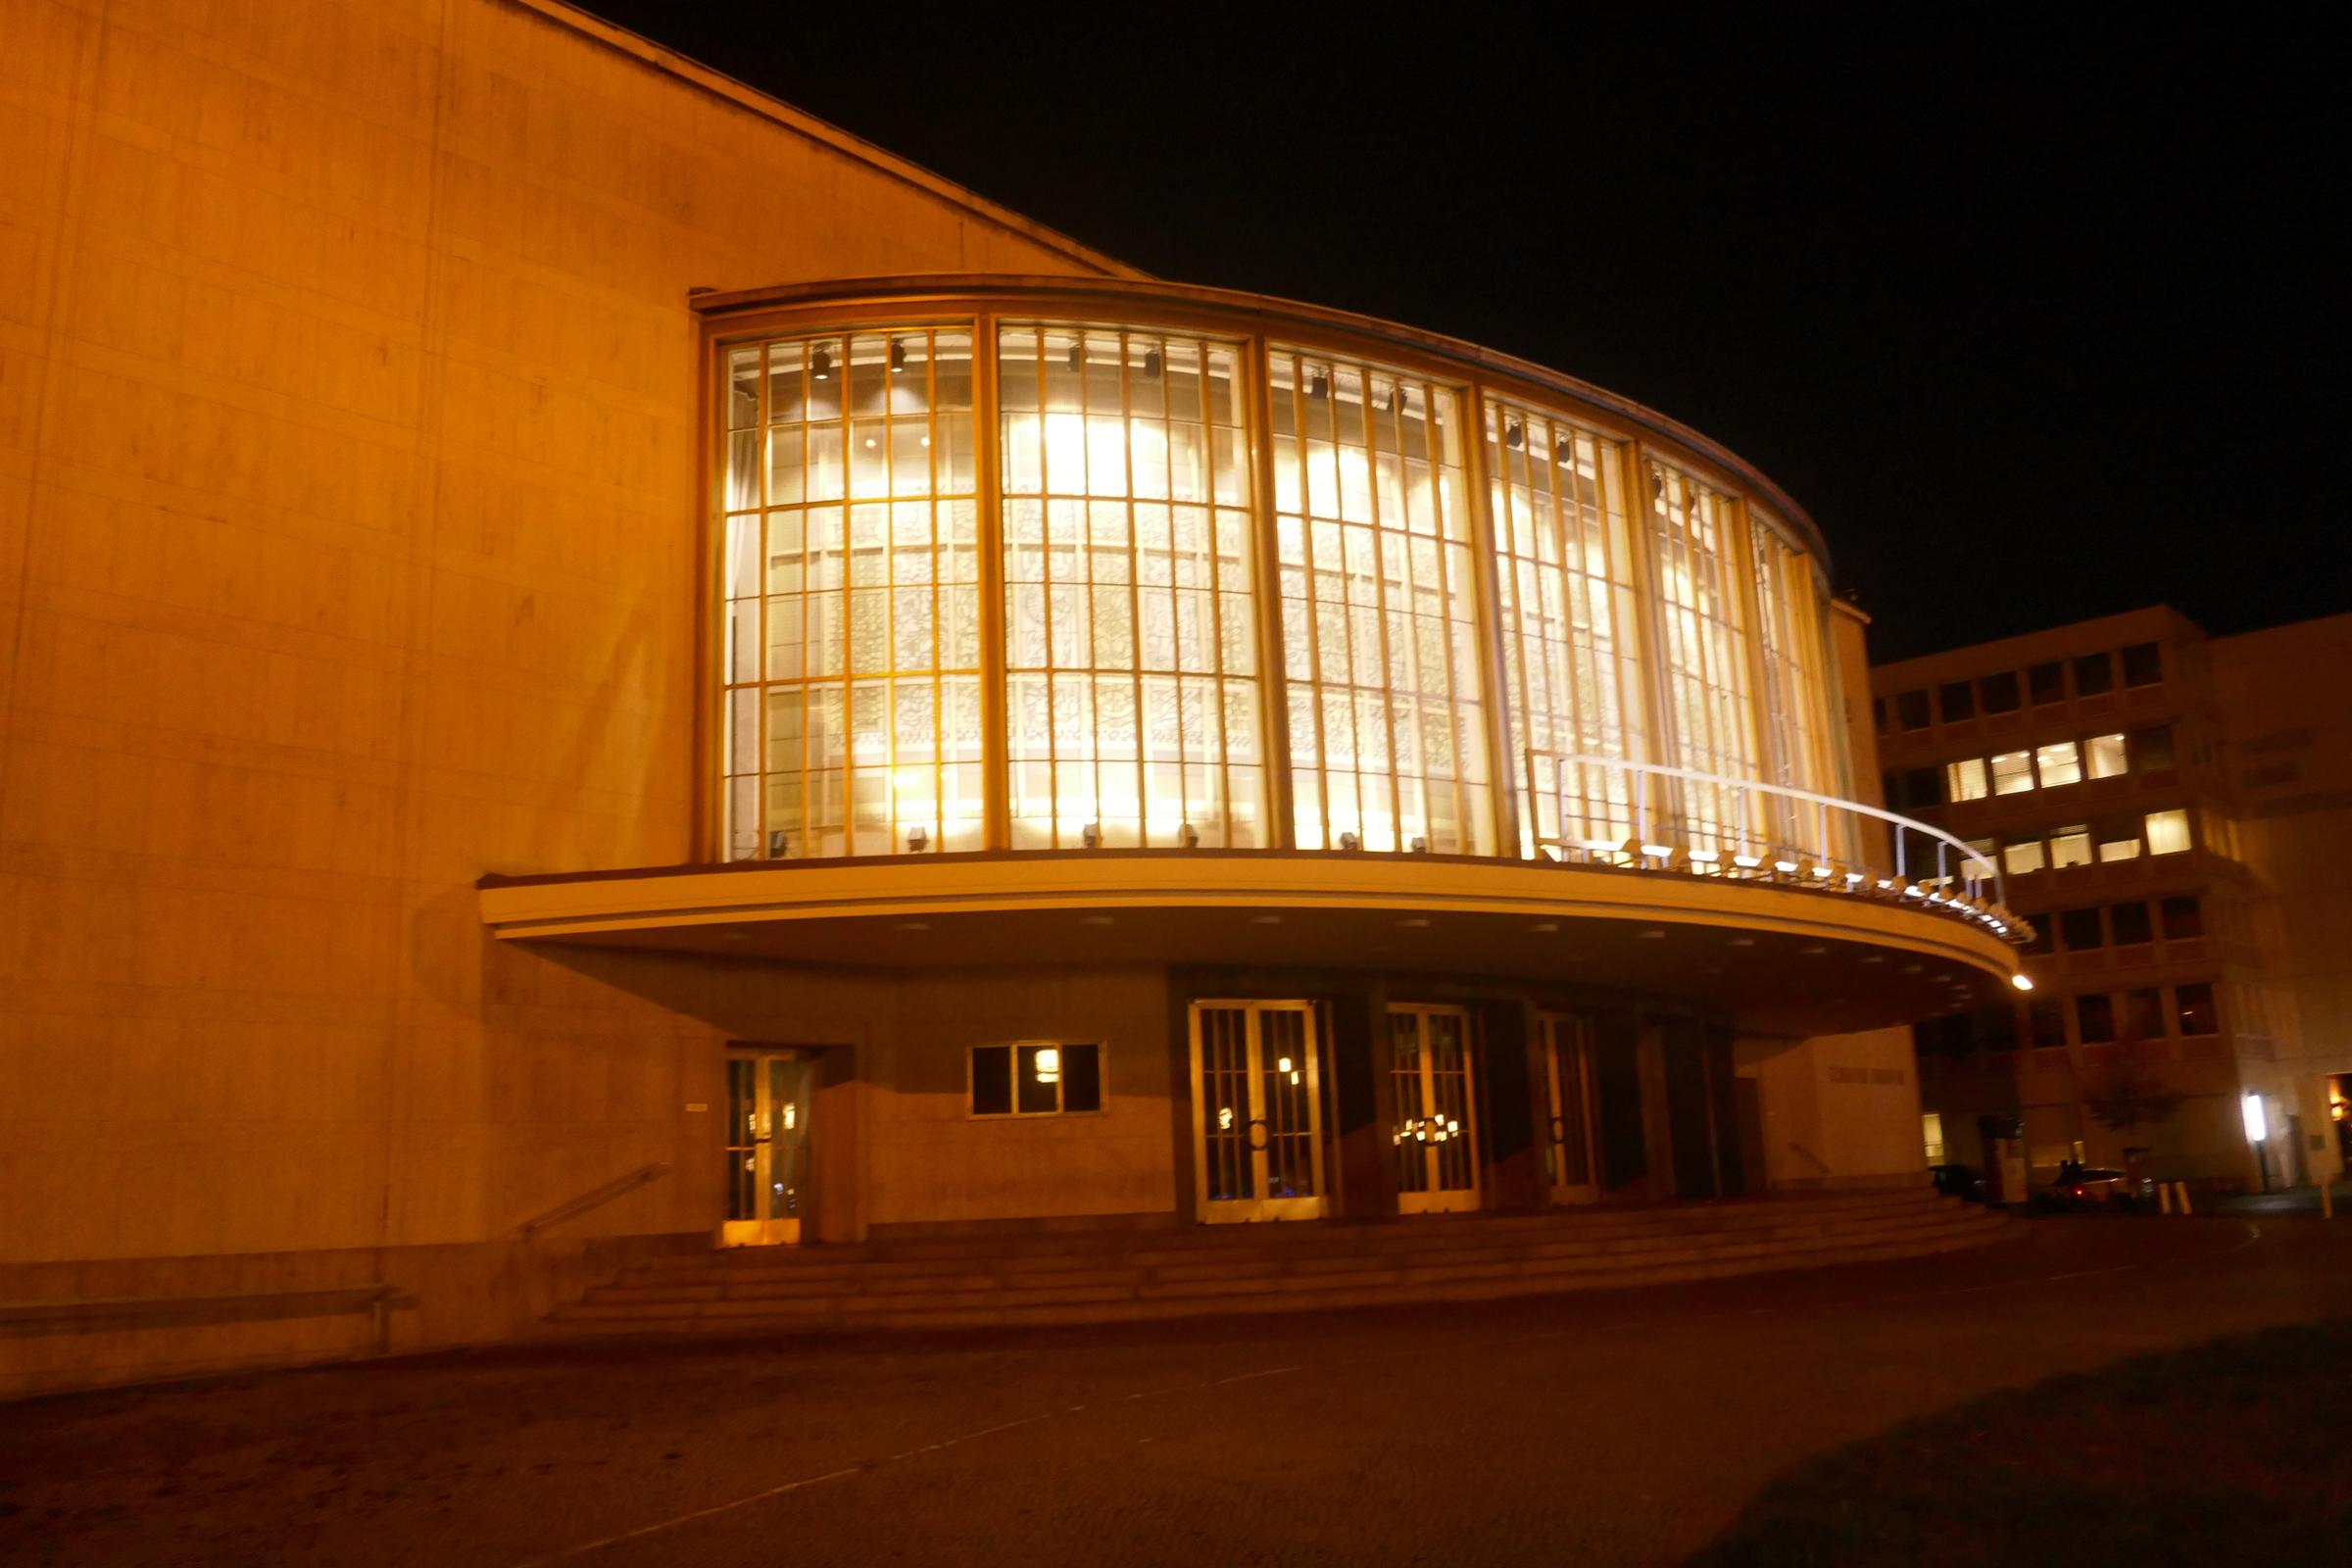 Das ehemalige Schillertheater in Charlottenburg. Foto: Ulrich Horb